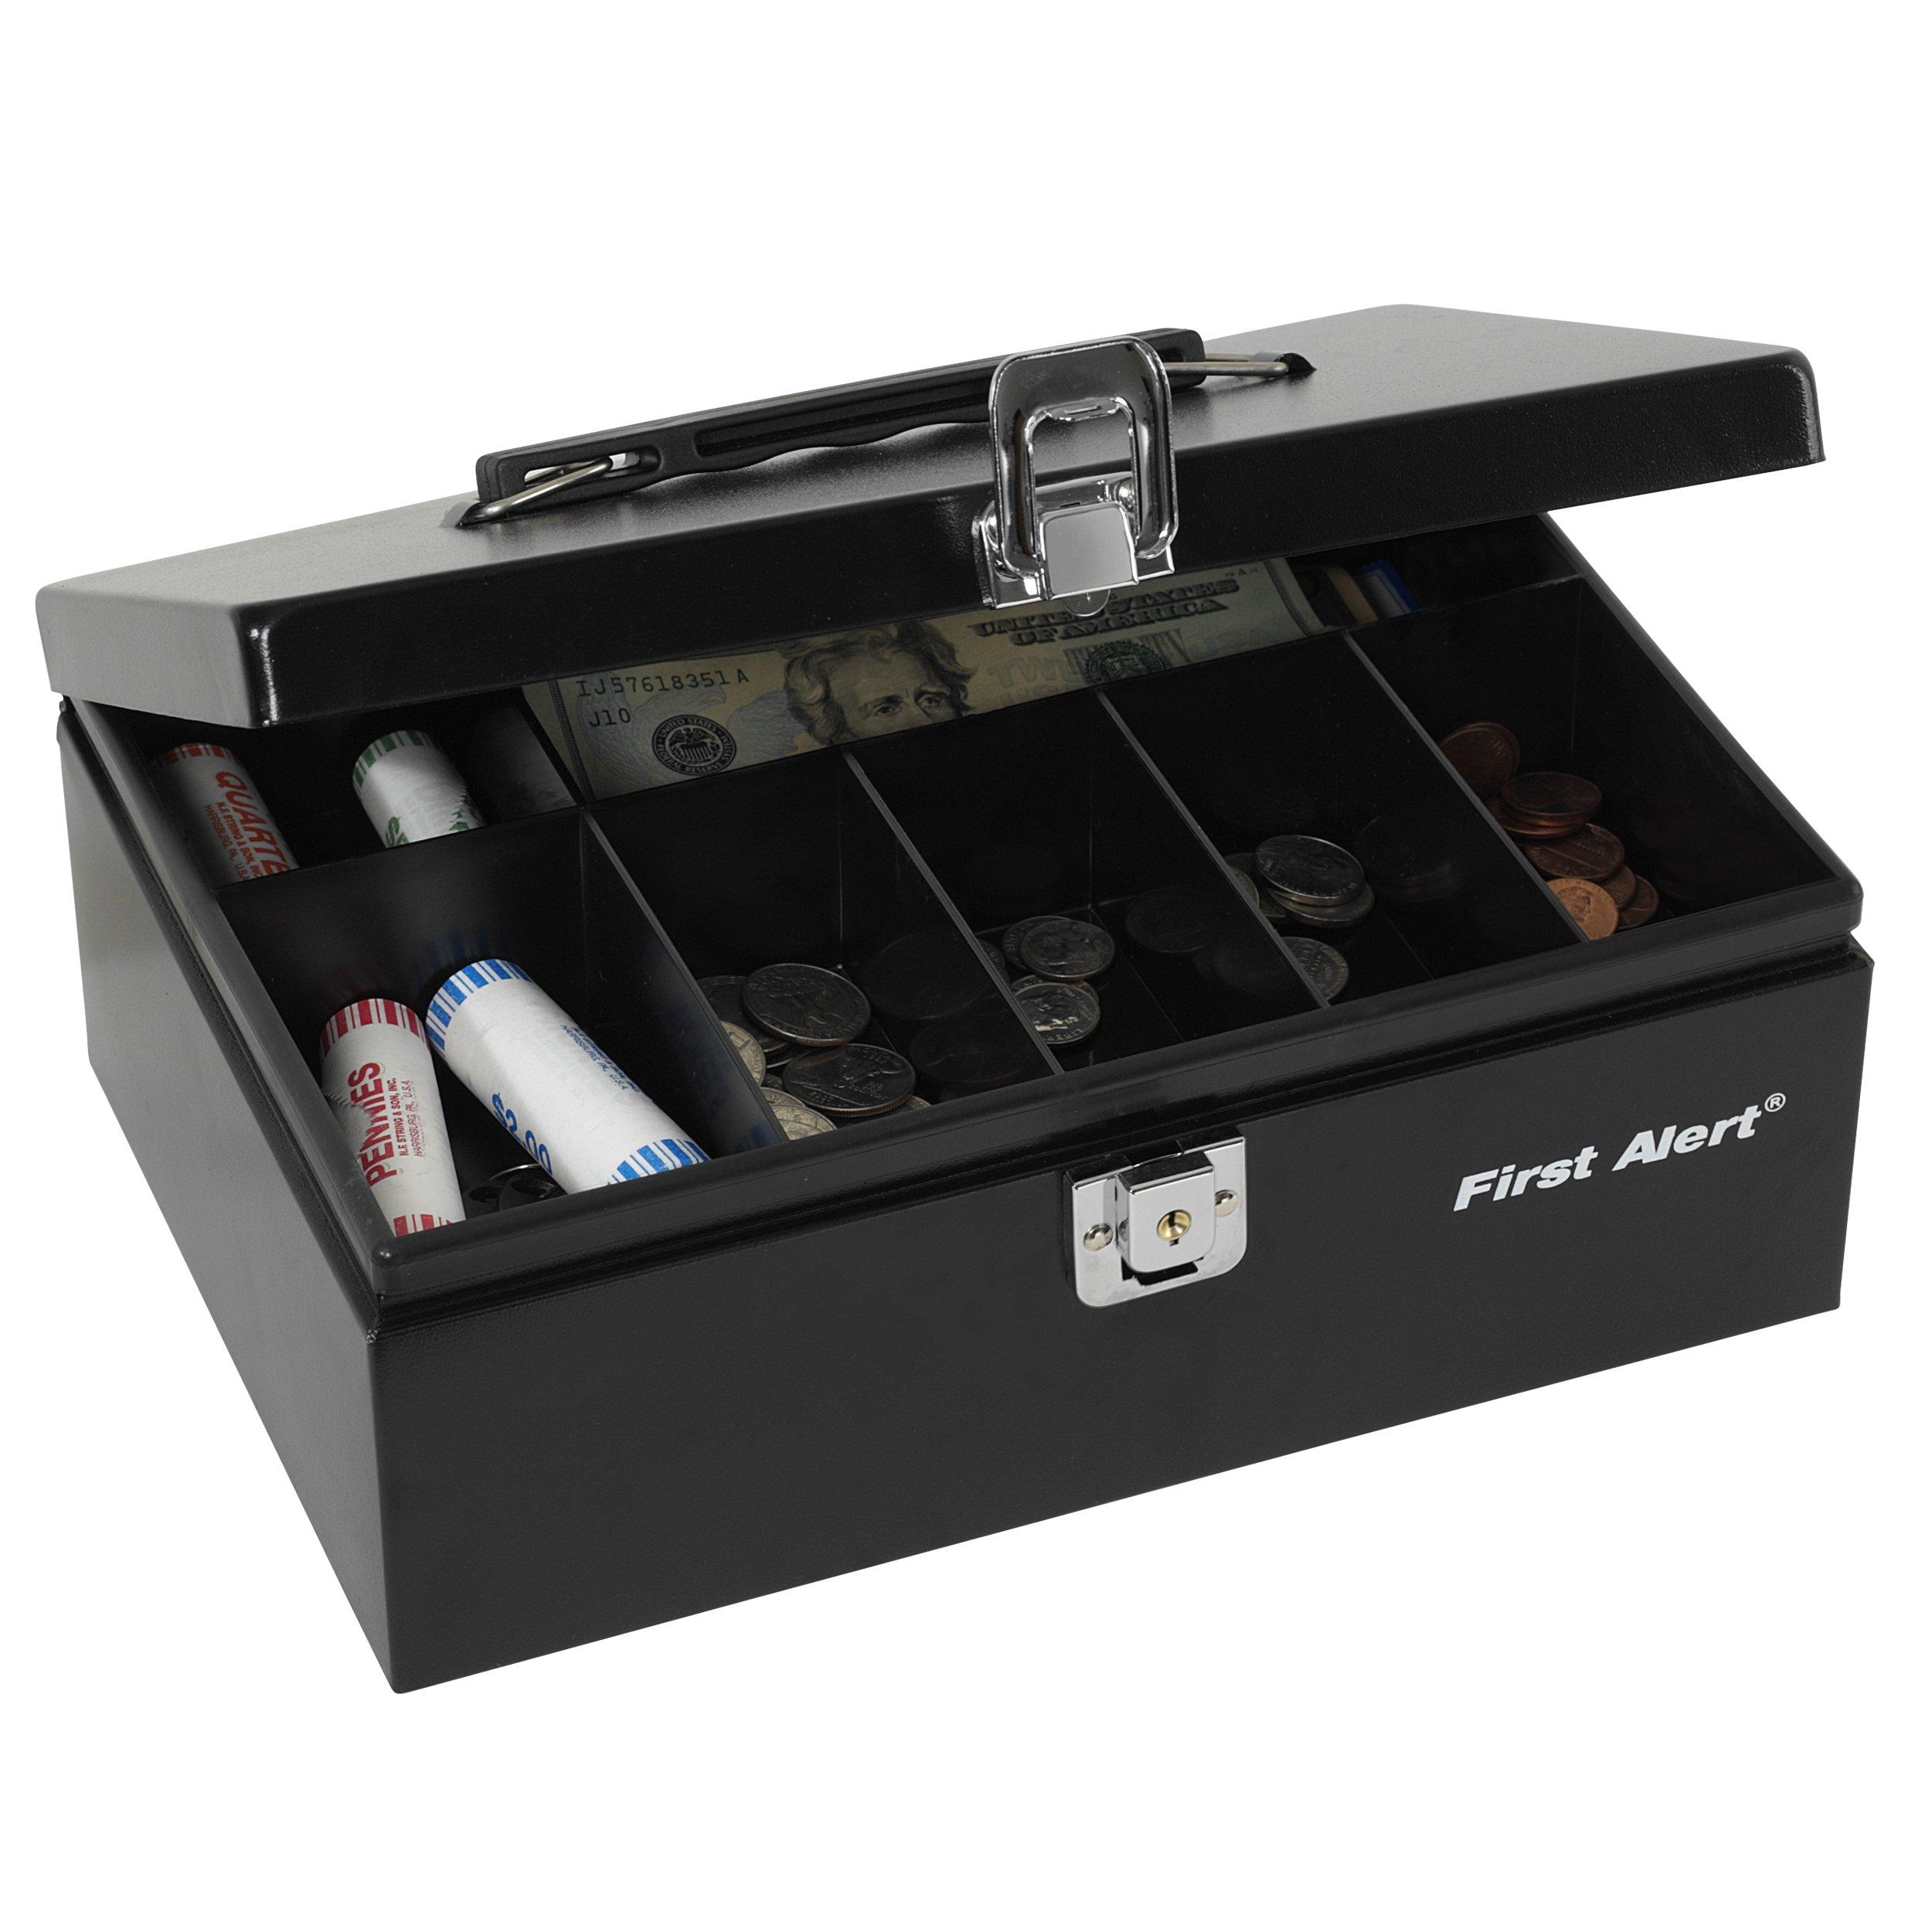 First Alert 3020F Steel Cash Box, Black